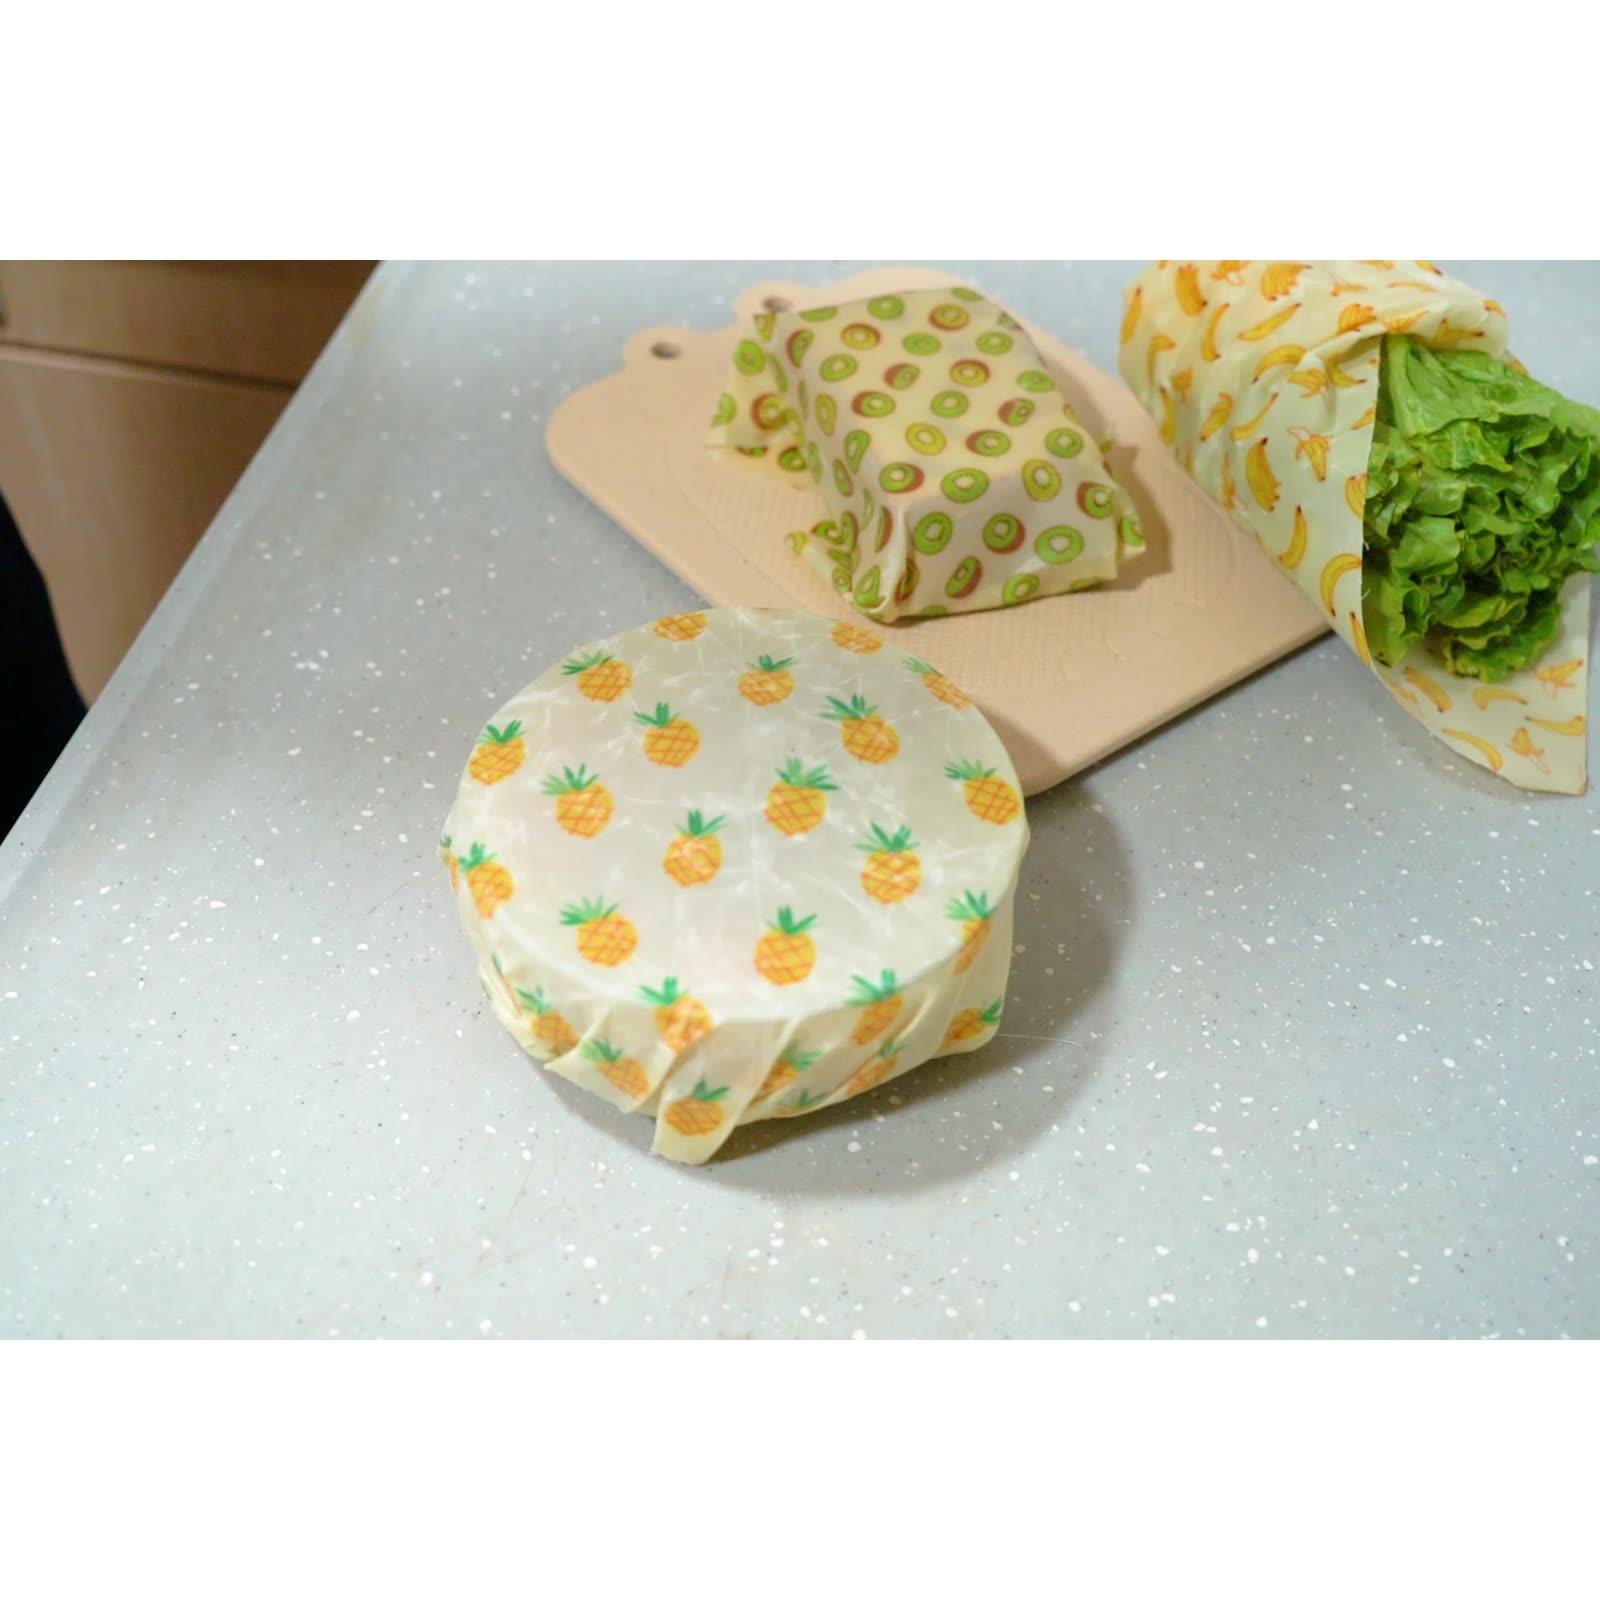 L'environnement Organique Biodégradable Coton Lavable Réutilisable D'emballage Alimentaire Stockage Emballage Cire D'abeille Wrap